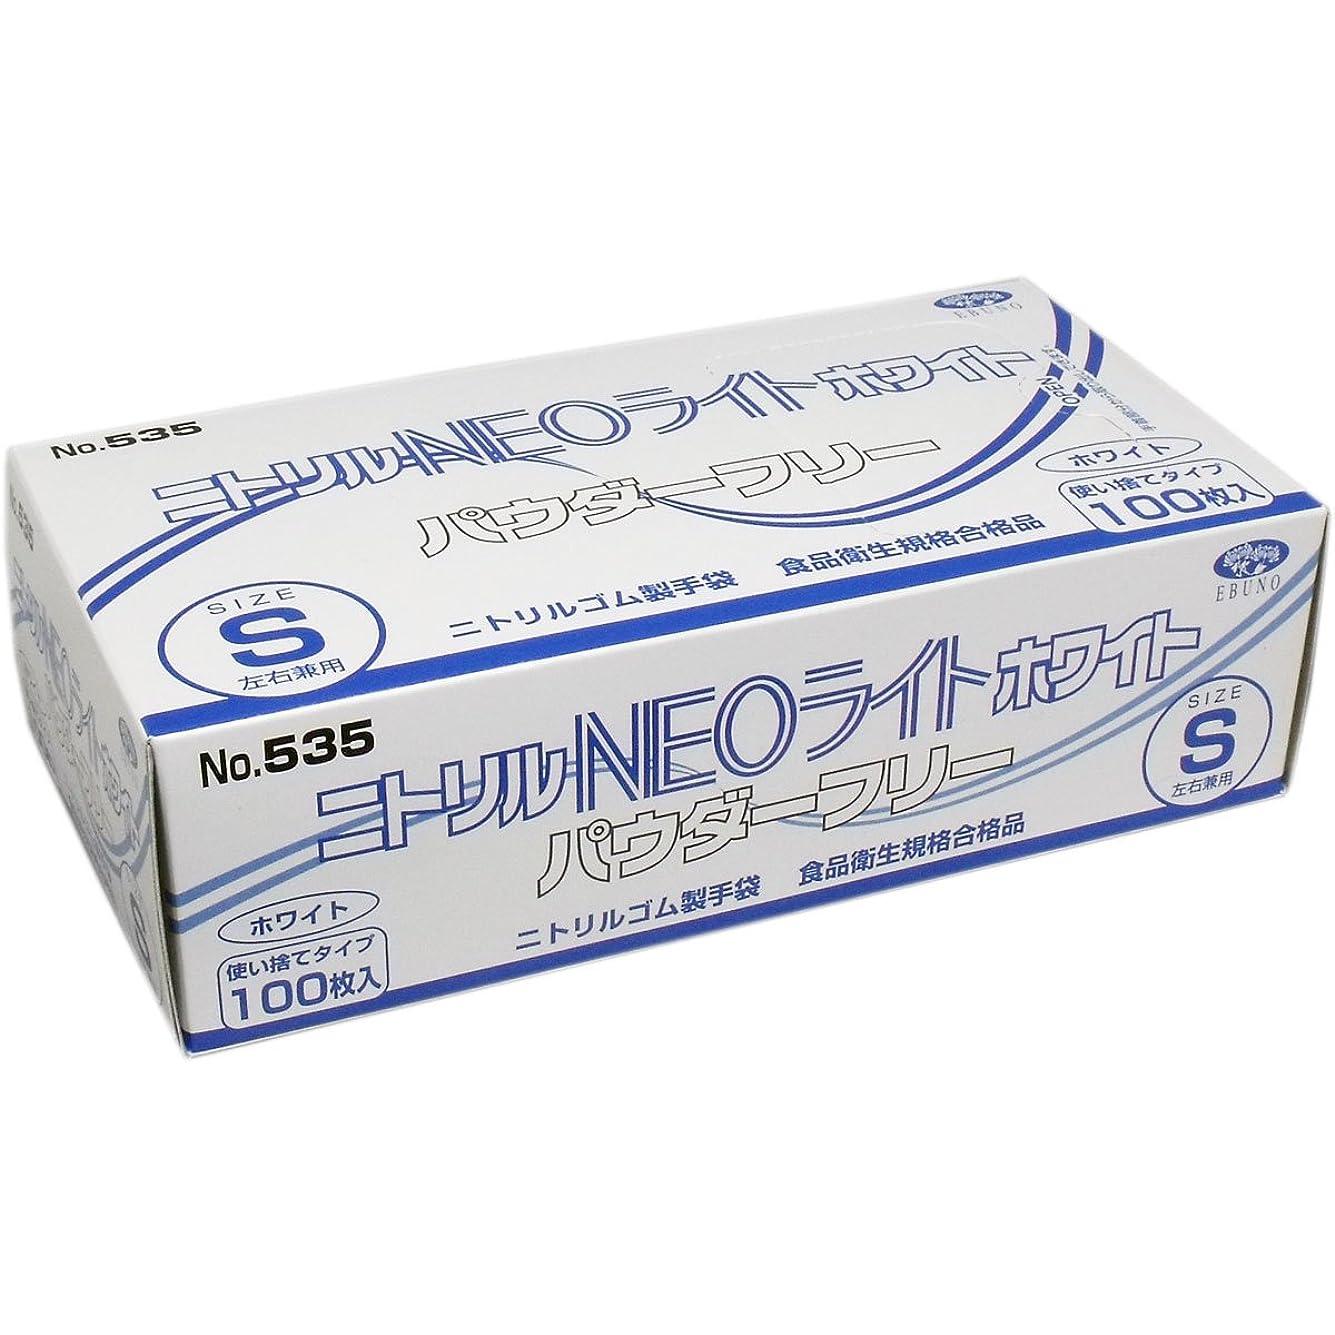 お手伝いさん目立つプレミアムニトリル手袋 NEOライト パウダーフリー ホワイト Sサイズ 100枚入「4点セット」